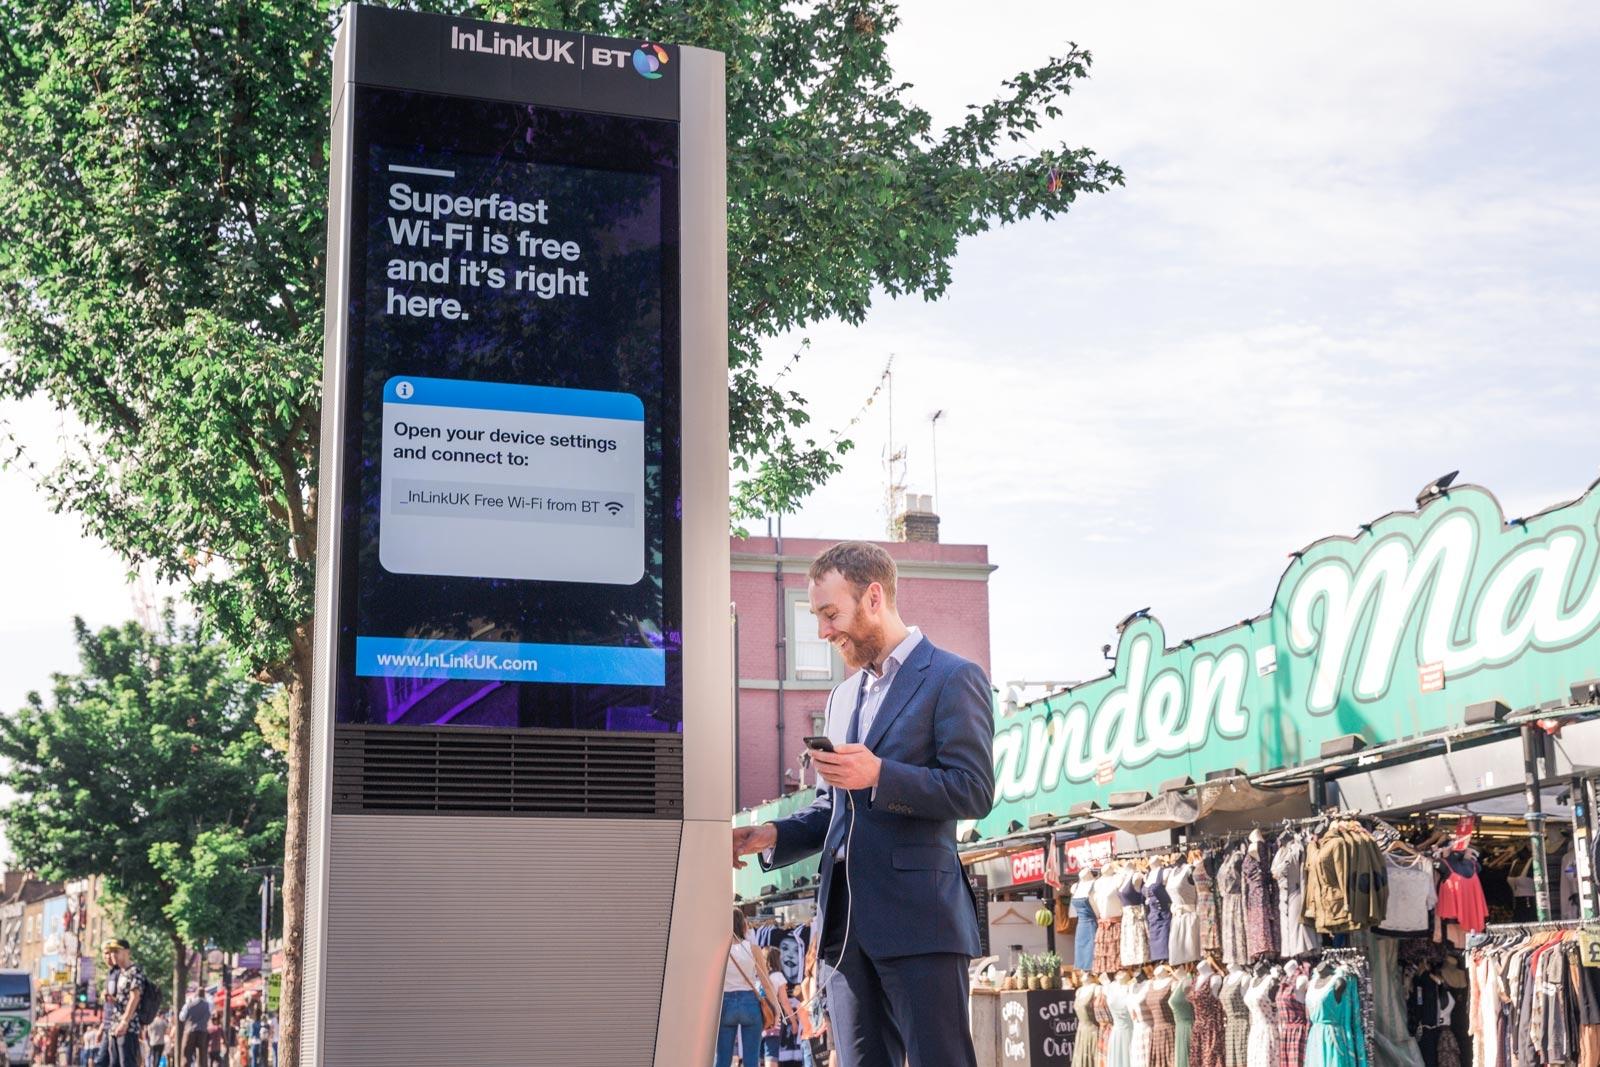 Londres se convierte en la segunda ciudad del mundo en ofrecer kioscos de wi-fi gratis